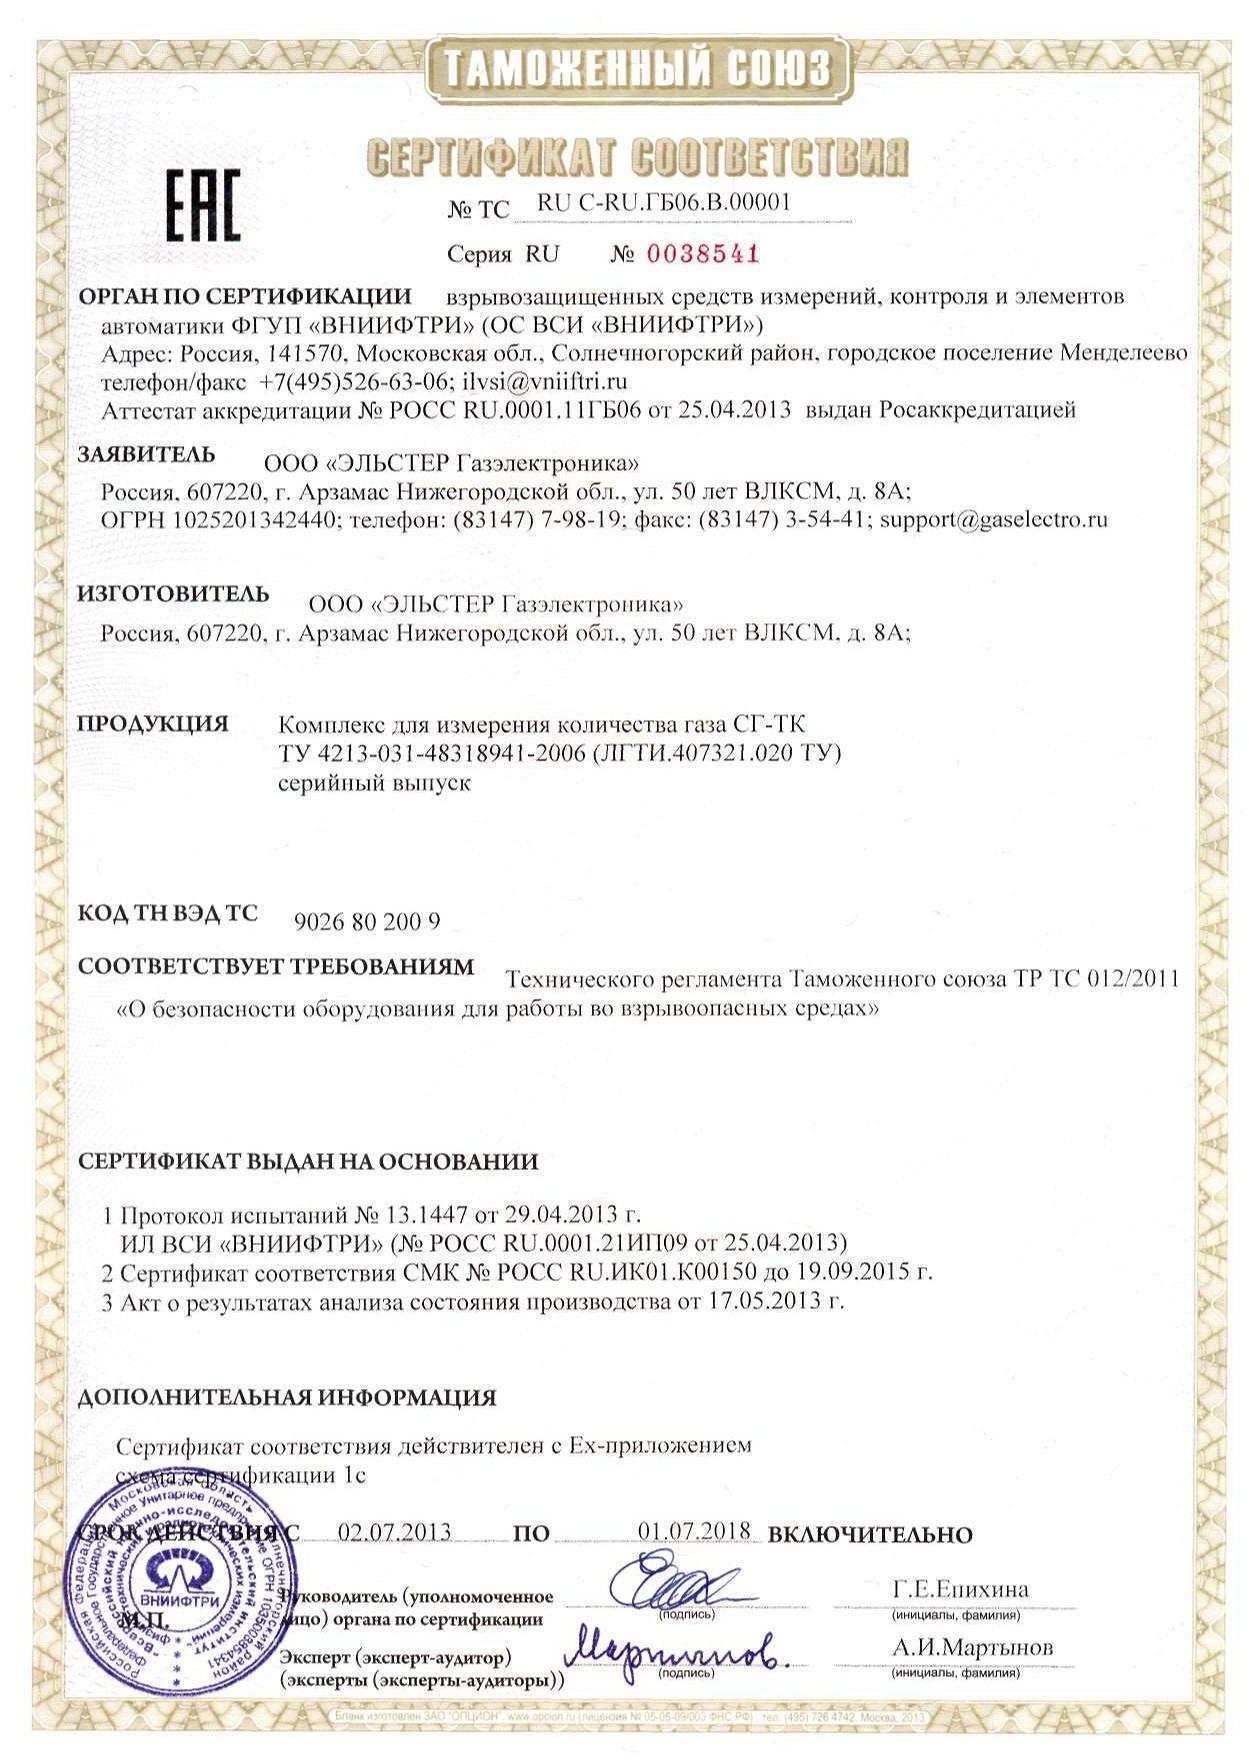 Презентации и документы компании ООО ТД «Газовик — Комплект»